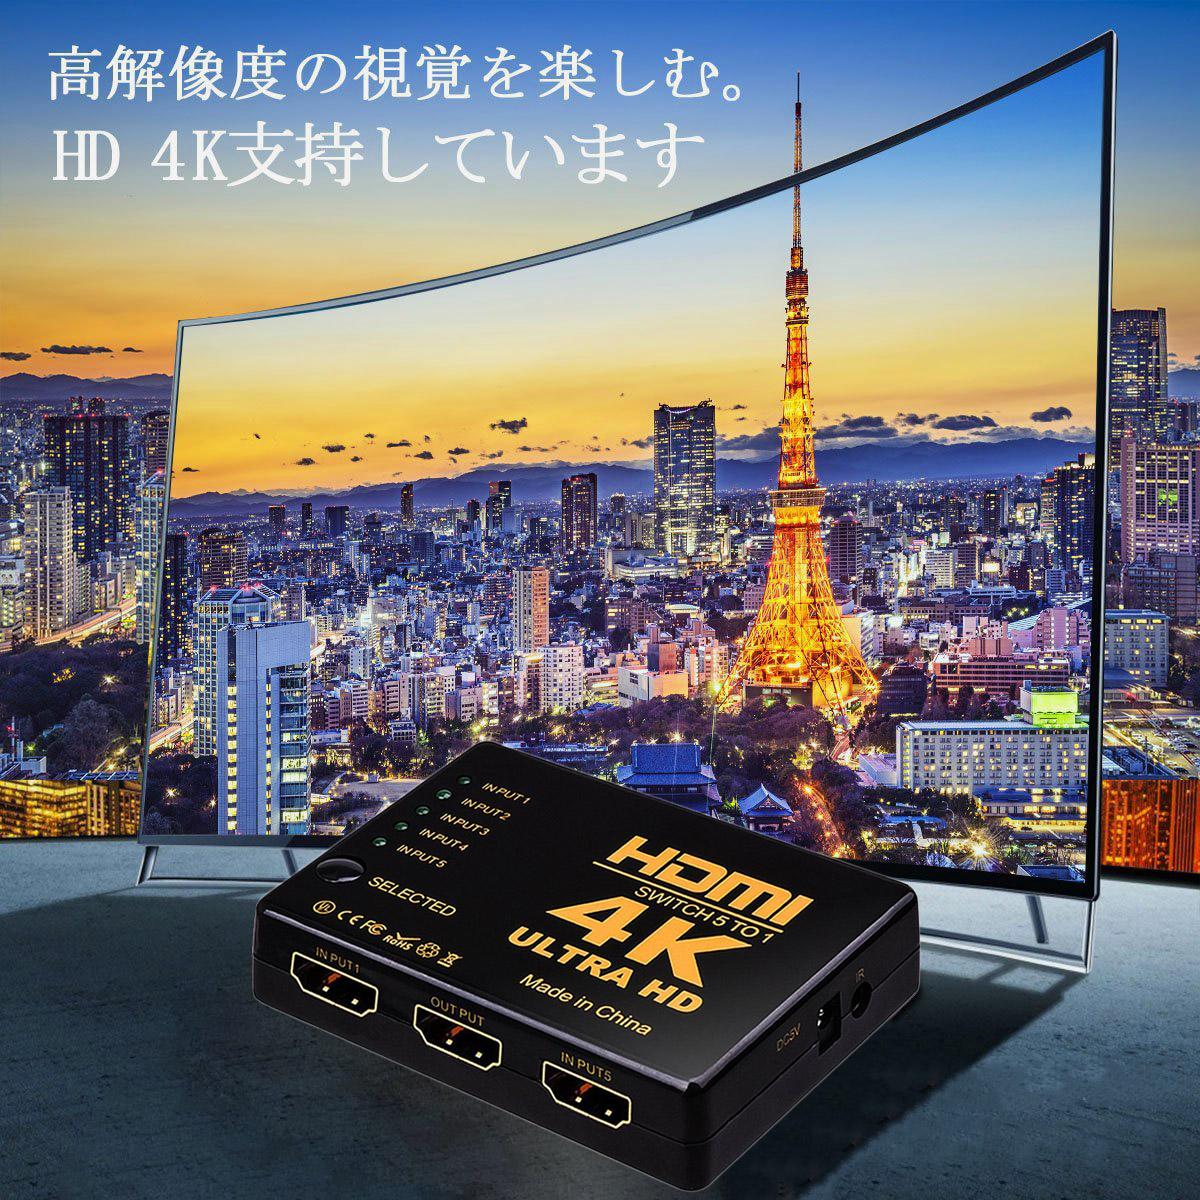 HDMI切替器 5入力1出力